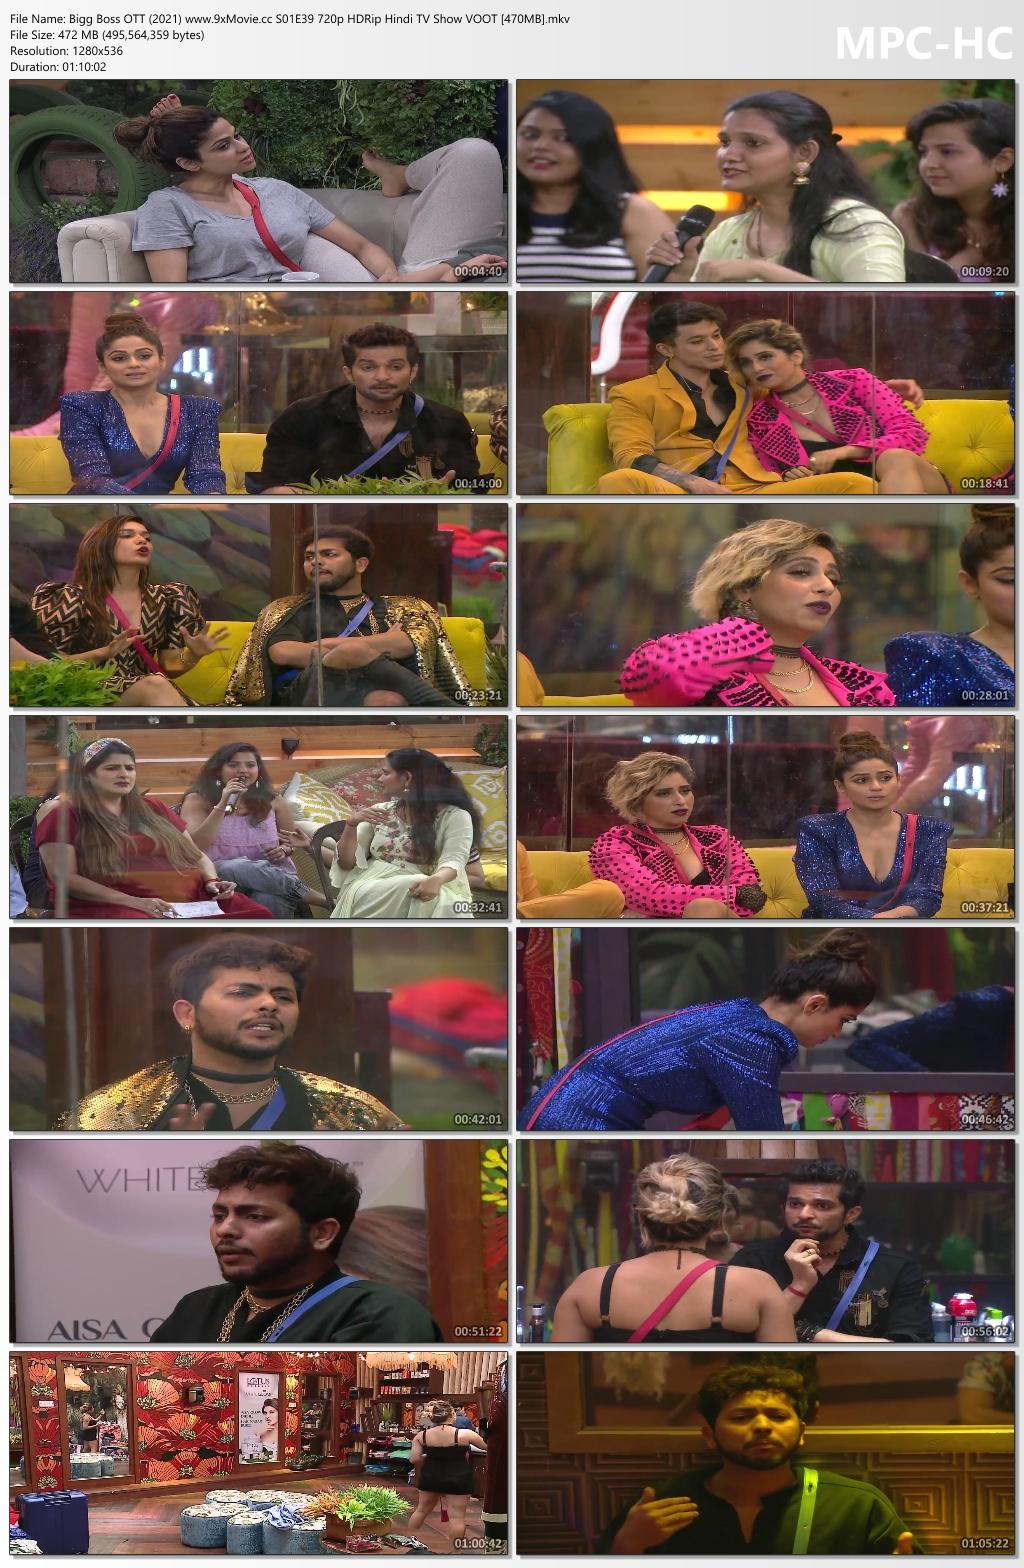 Bigg-Boss-OTT-2021-www-9x-Movie-cc-S01-E39-720p-HDRip-Hindi-TV-Show-VOOT-470-MB-mkv